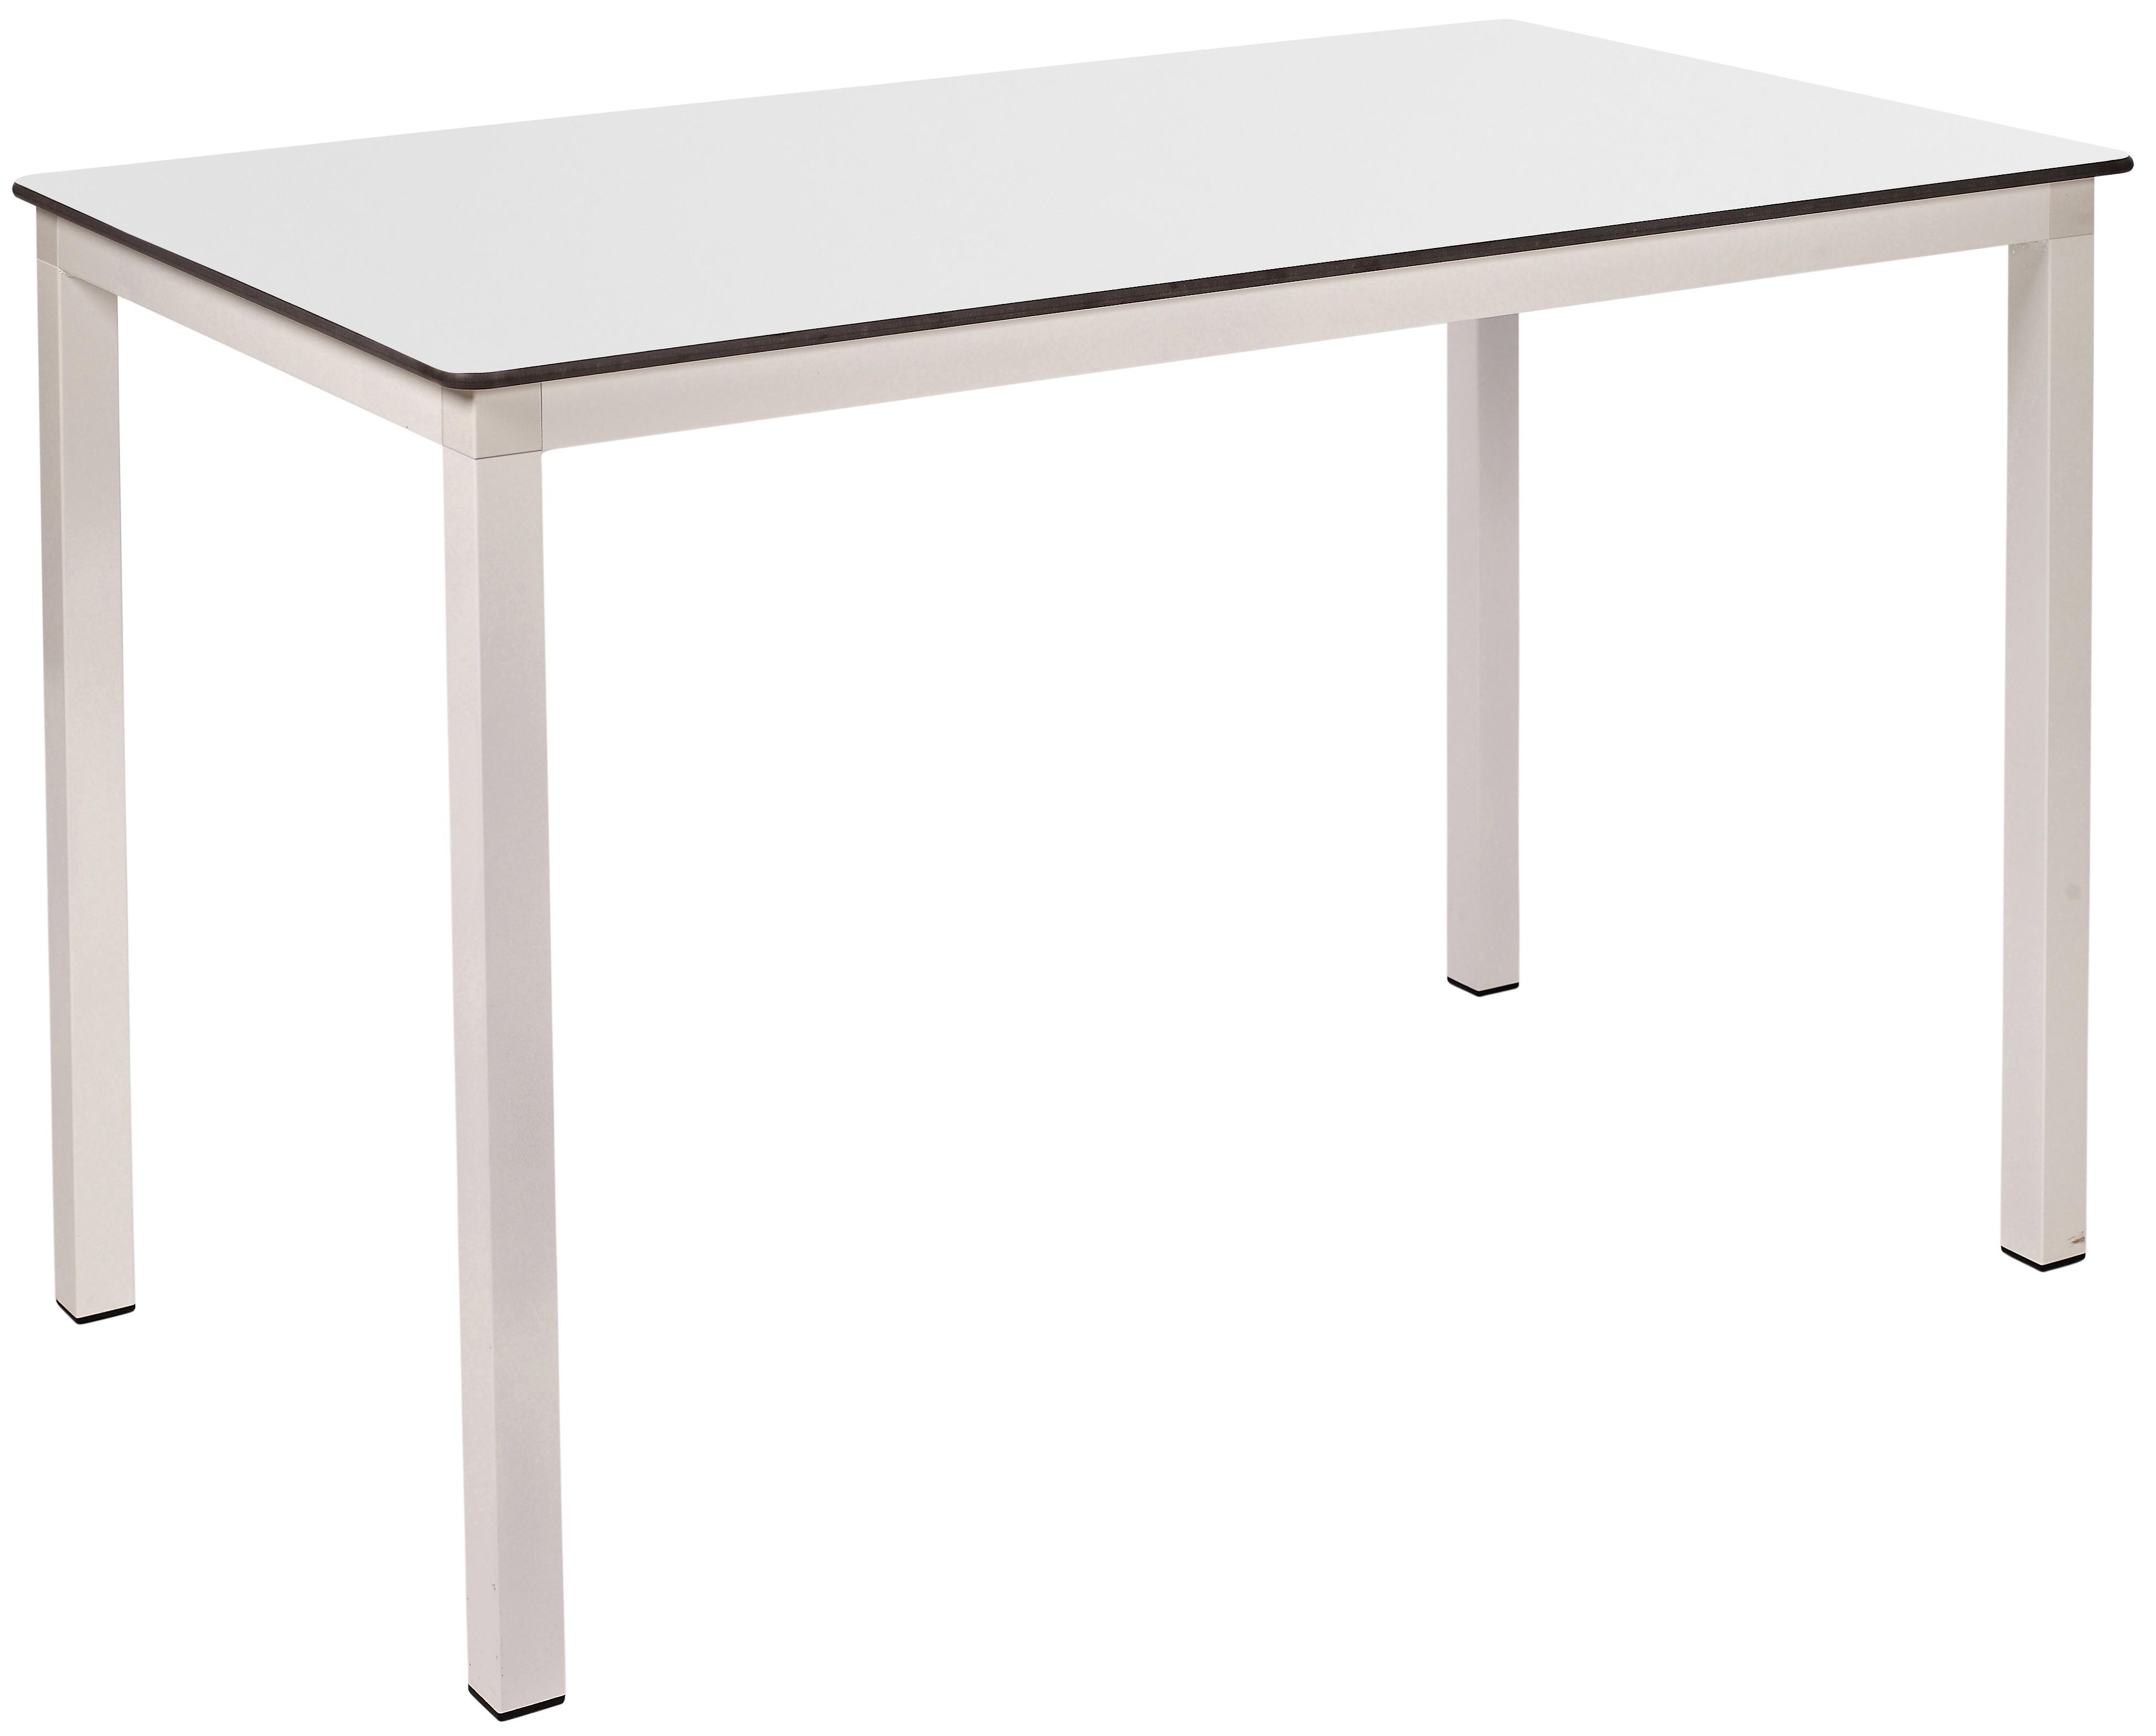 Mesa Ezpeleta apilable white Blancos white Aluminio lacado 120x80